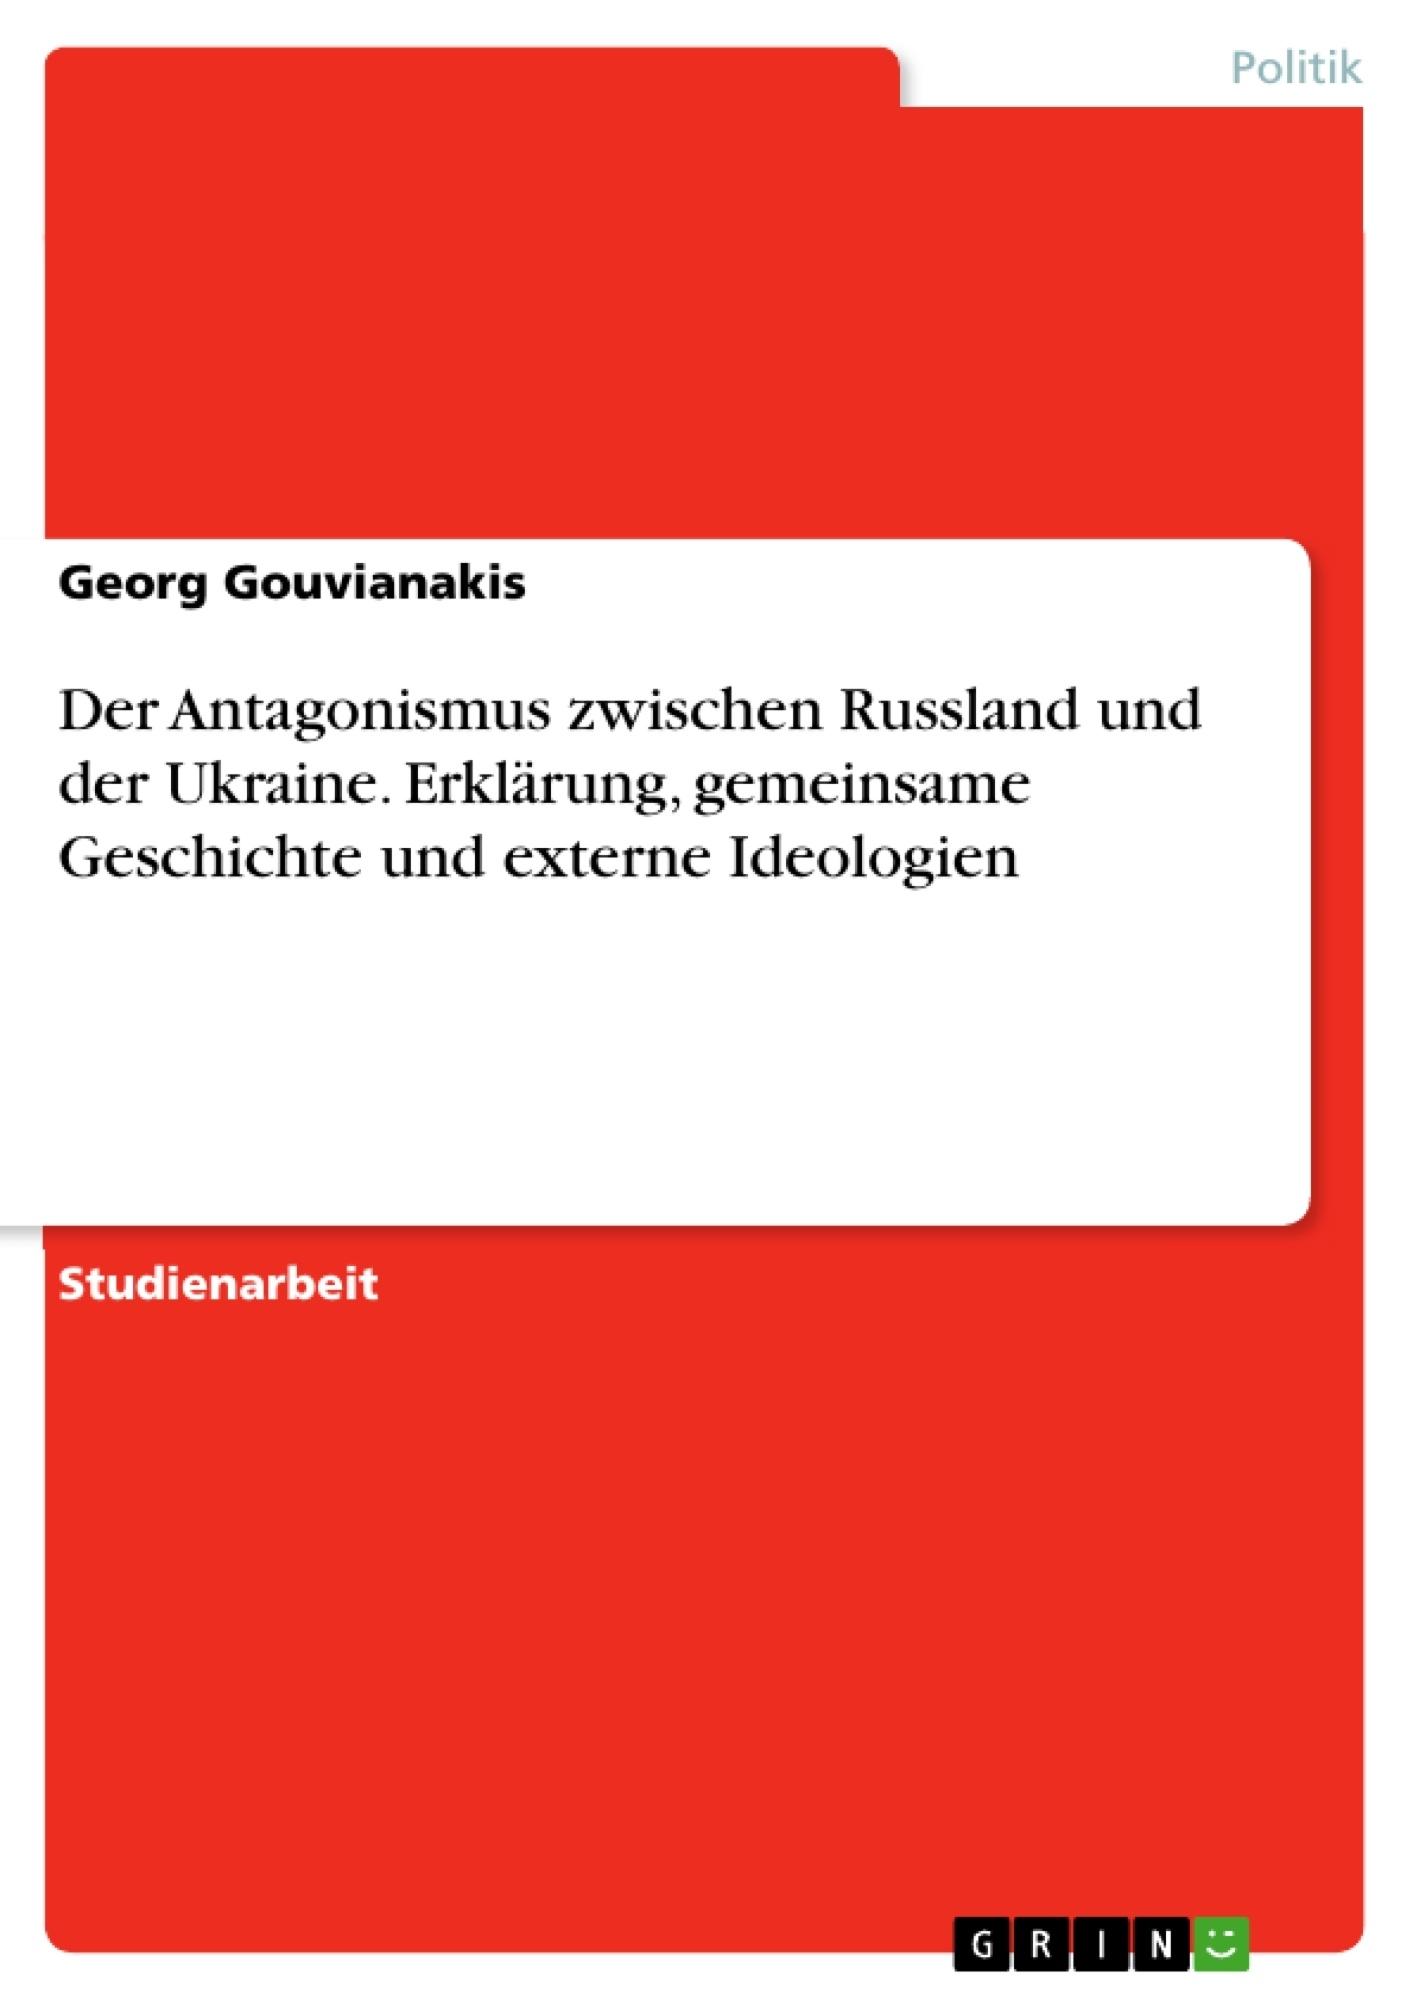 Titel: Der Antagonismus zwischen Russland und der Ukraine. Erklärung, gemeinsame Geschichte und externe Ideologien